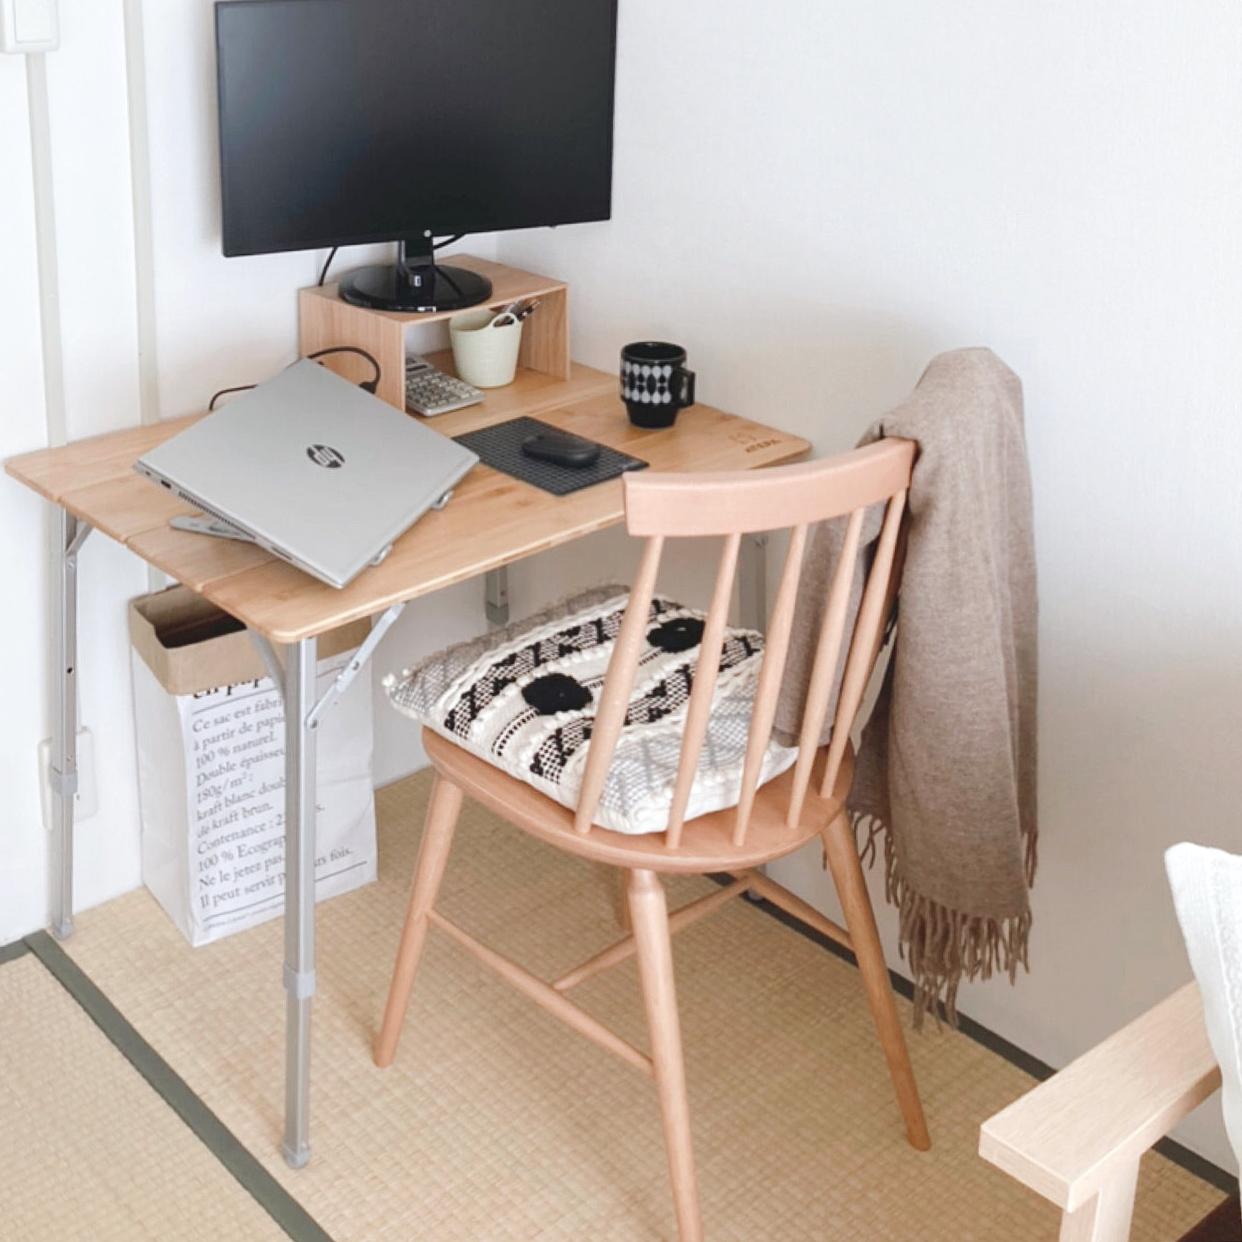 キャンプ用の折り畳みテーブルにウッドチェアを合わせ、パソコンを置く台やスタンドも設置。できるだけストレスなく仕事ができる空間をと工夫されています。